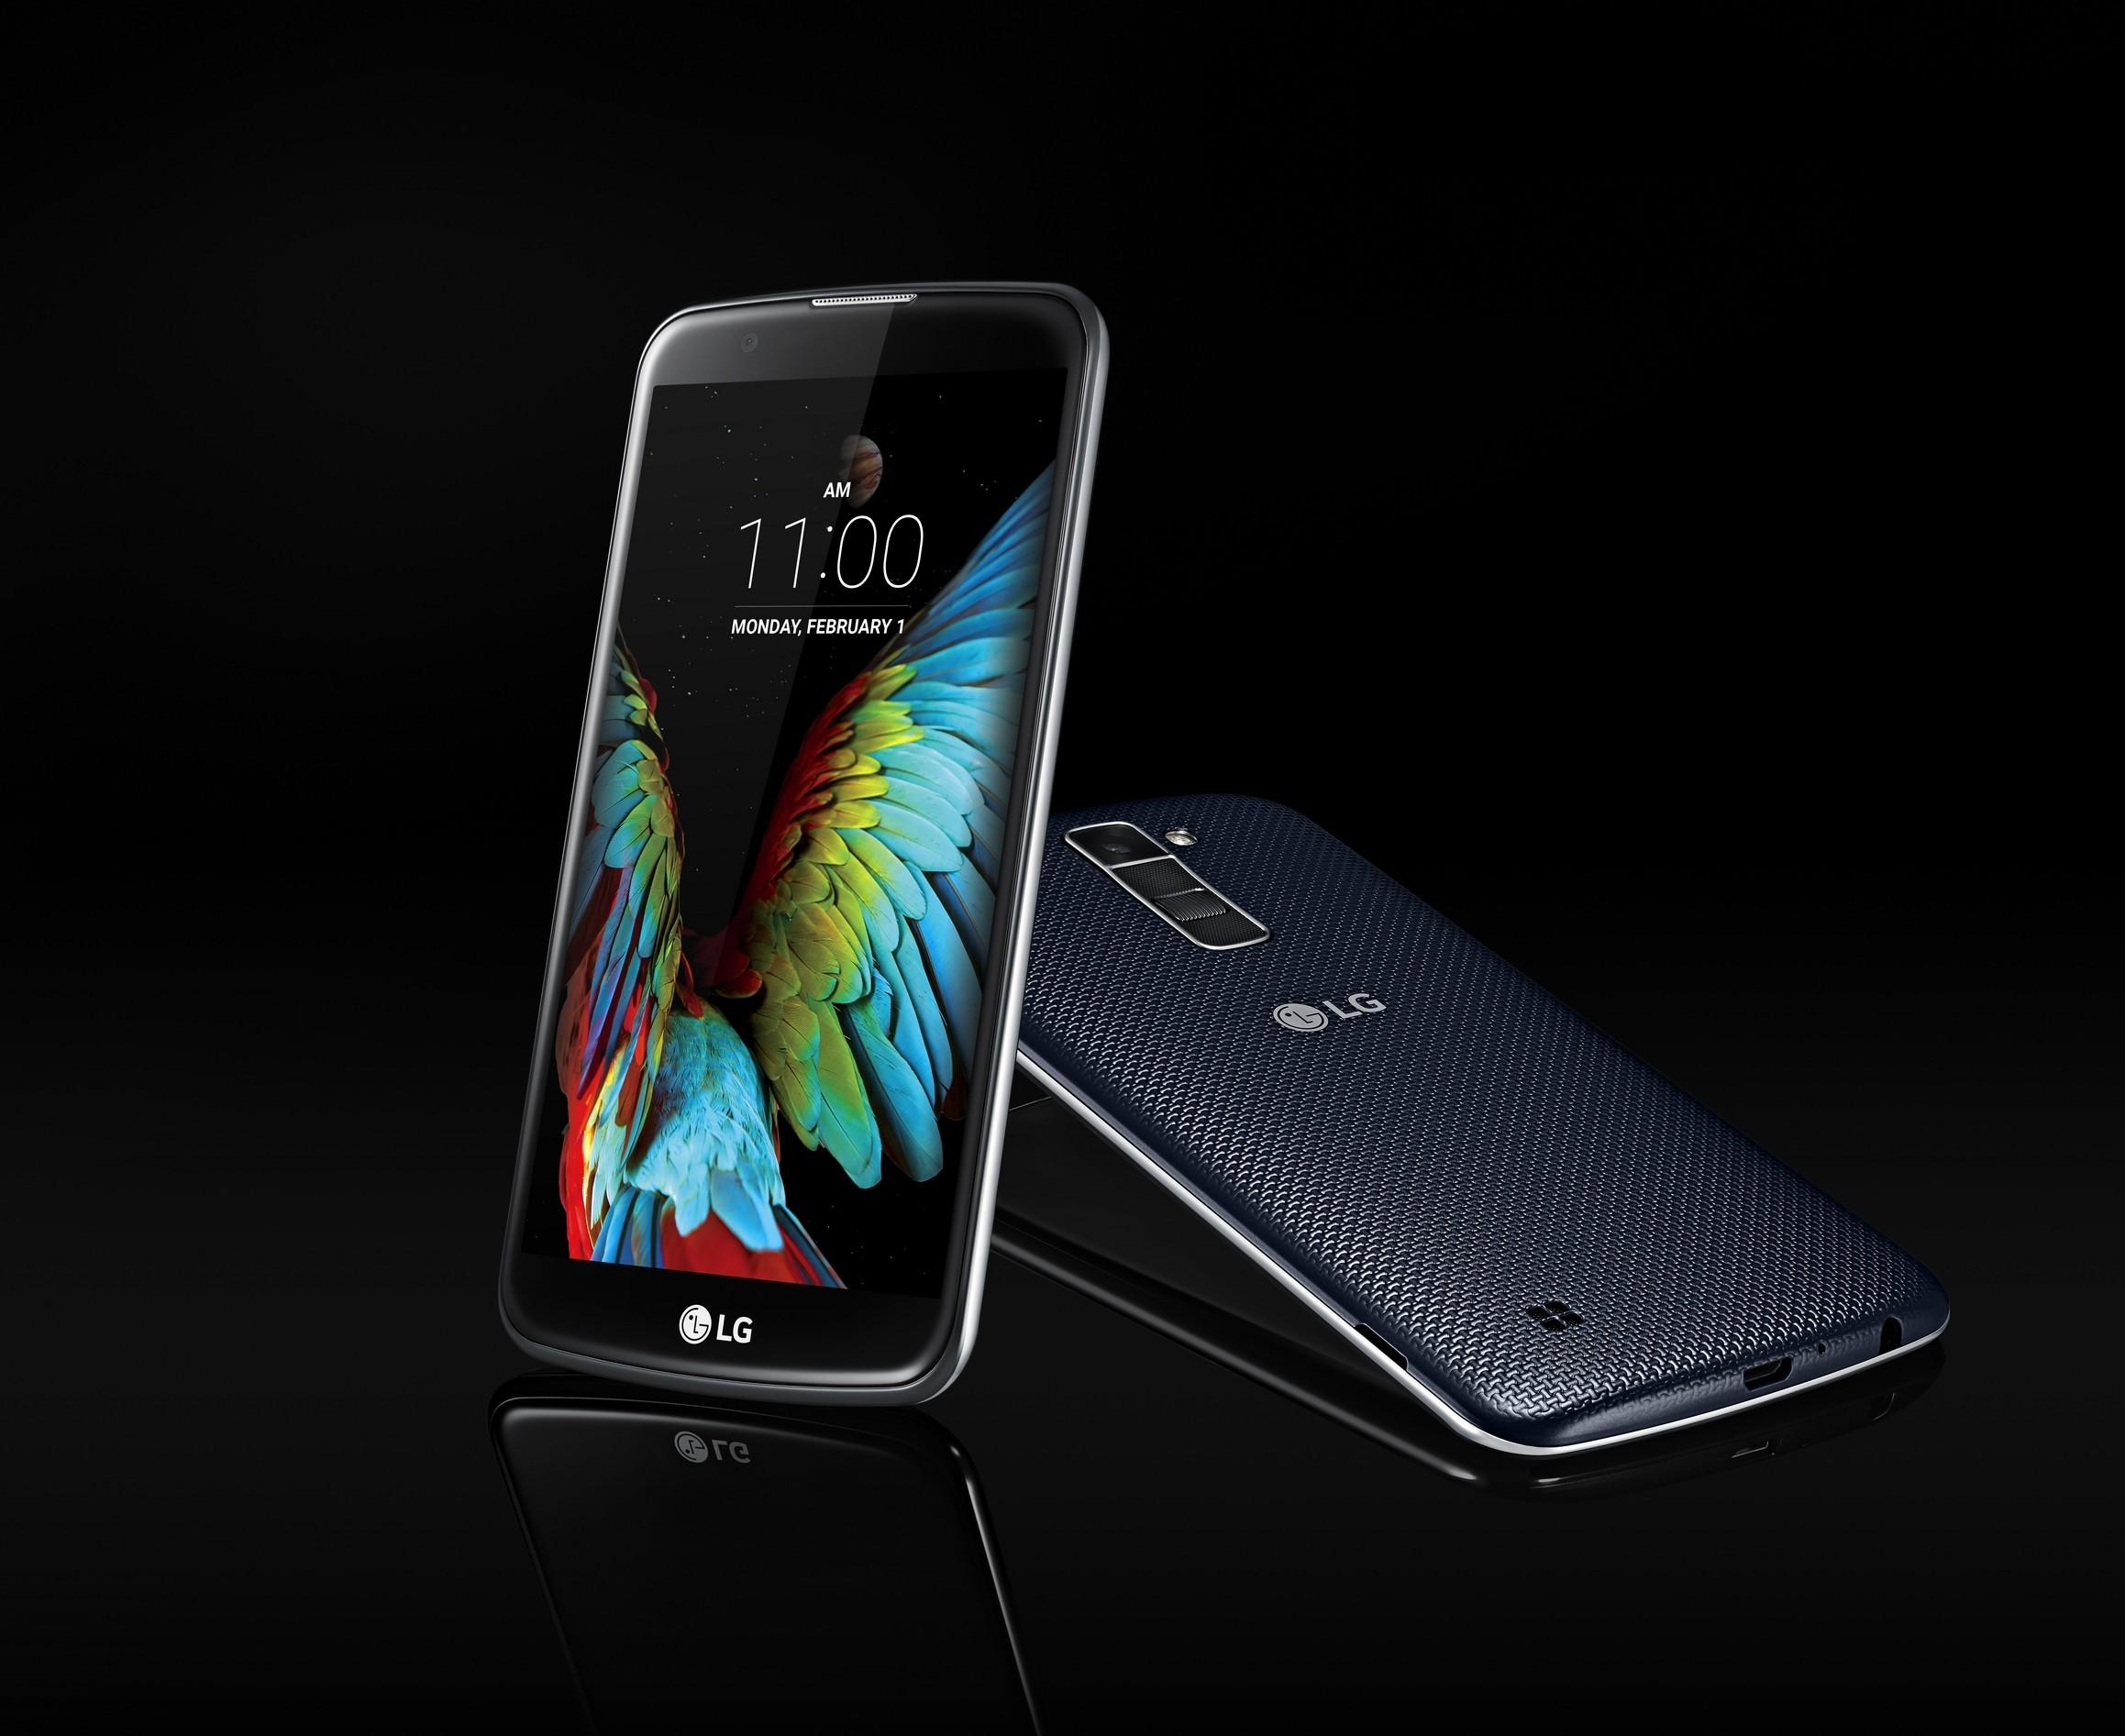 LG quiere ofrecerte smartphones baratos con su Serie K